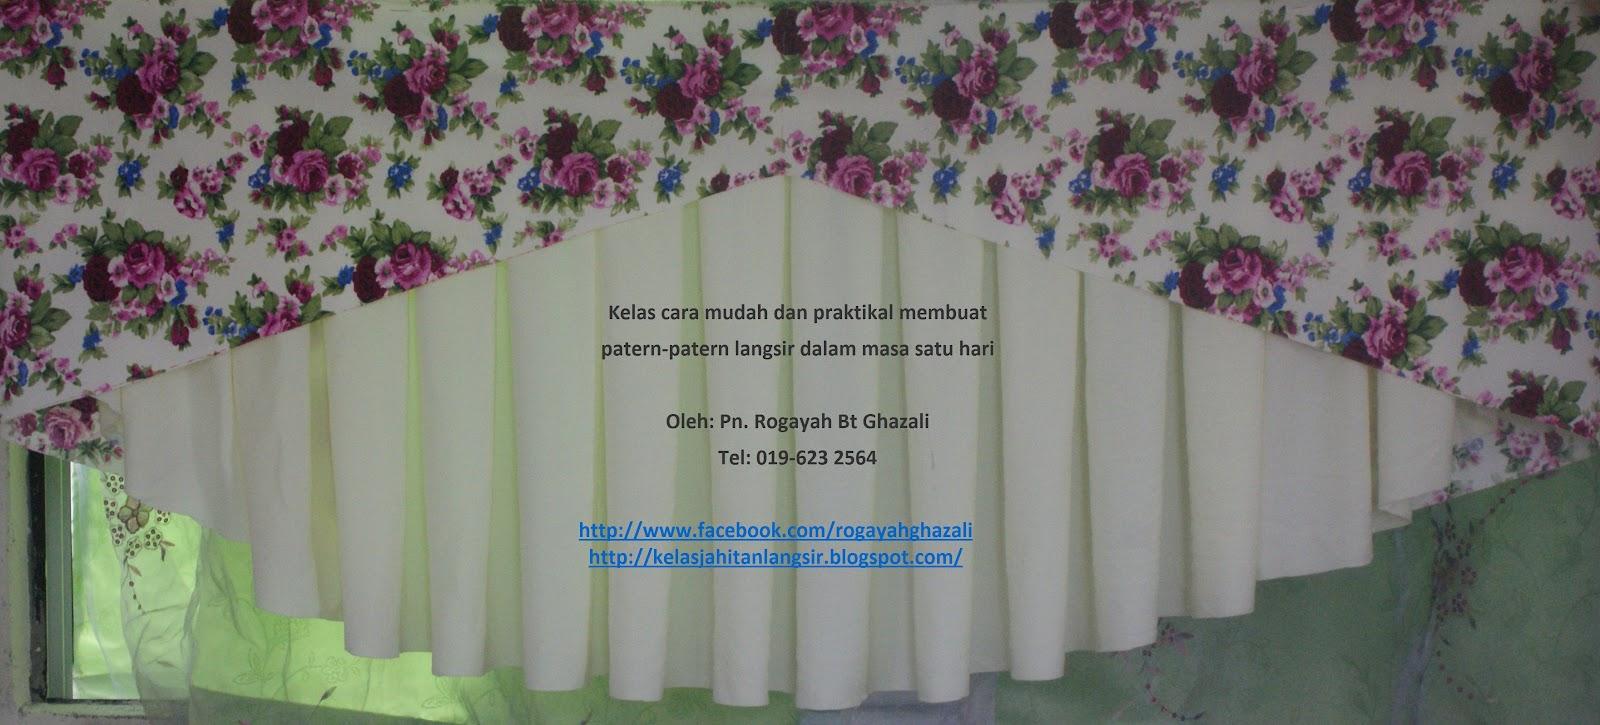 Belajar Jahit Langsir Cara Mudah Hanya dlm 1 Hari: June 2012